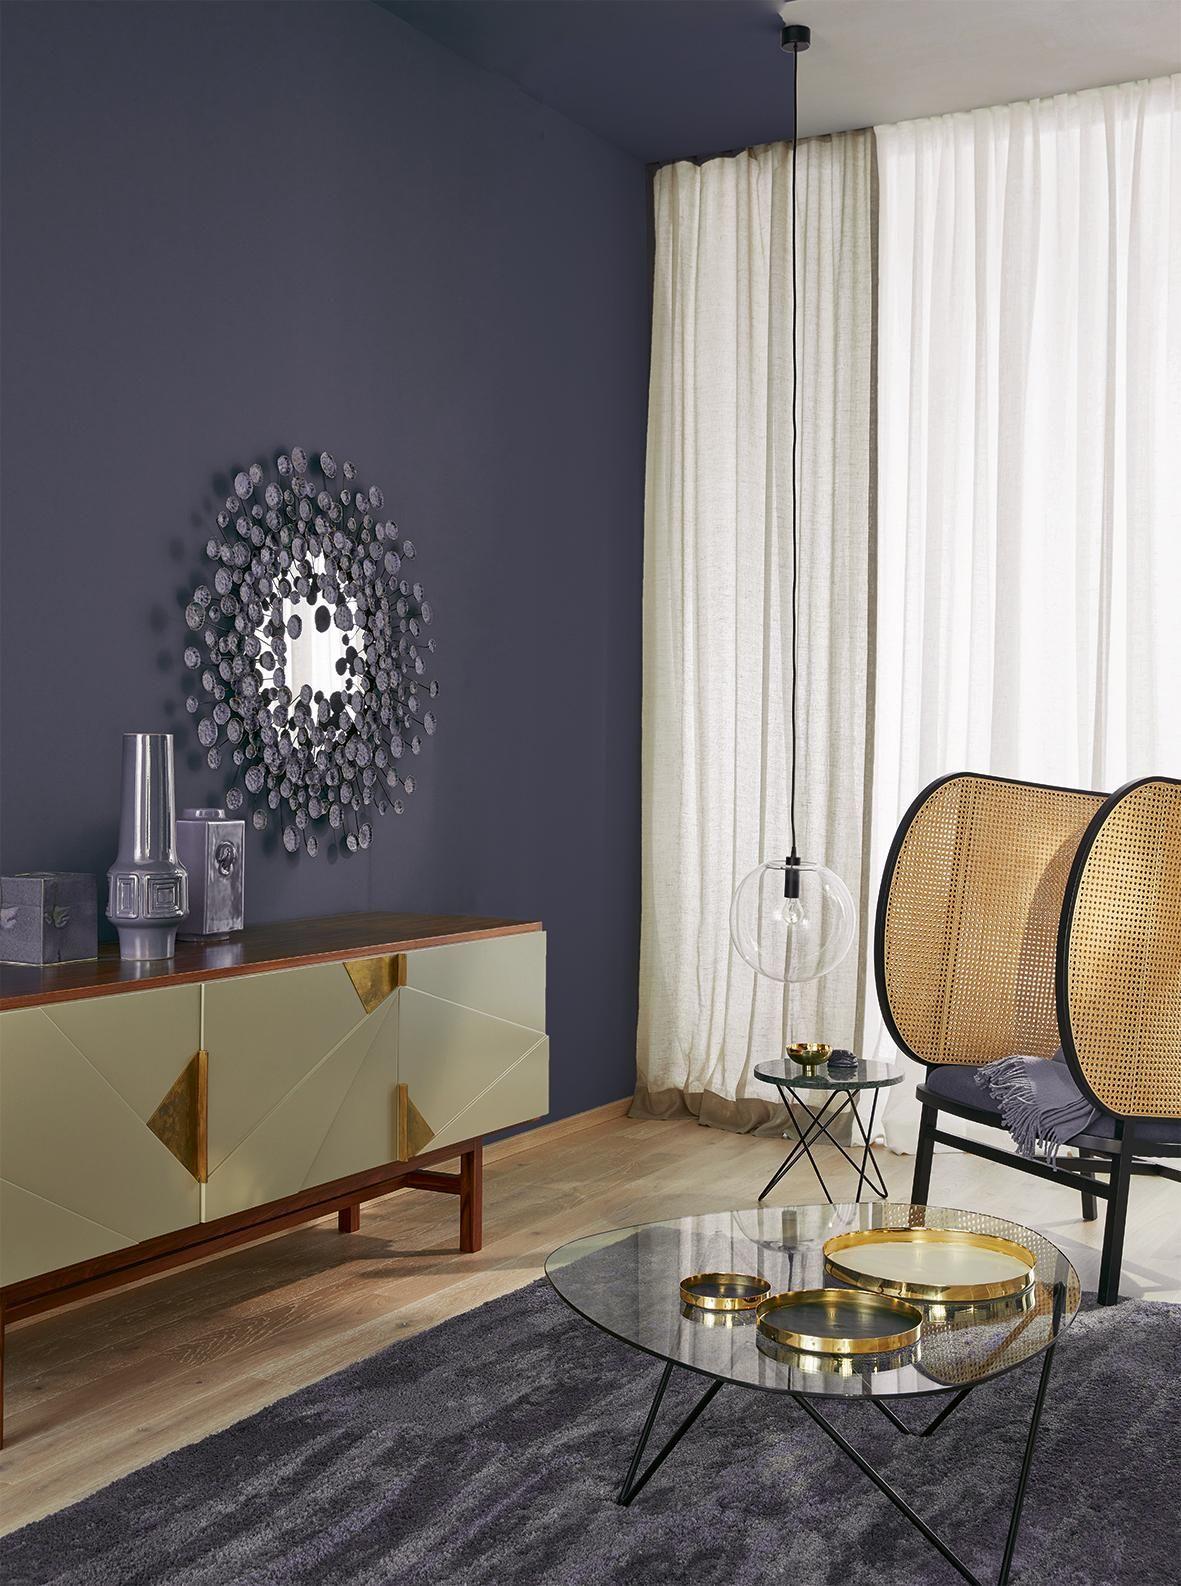 Grape Schoner Wohnen Trendfarbe Stuhl Wandfarbe Schoner Wohnen Trendfarbe Schoner Wohnen Farbe Schoner Wohnen